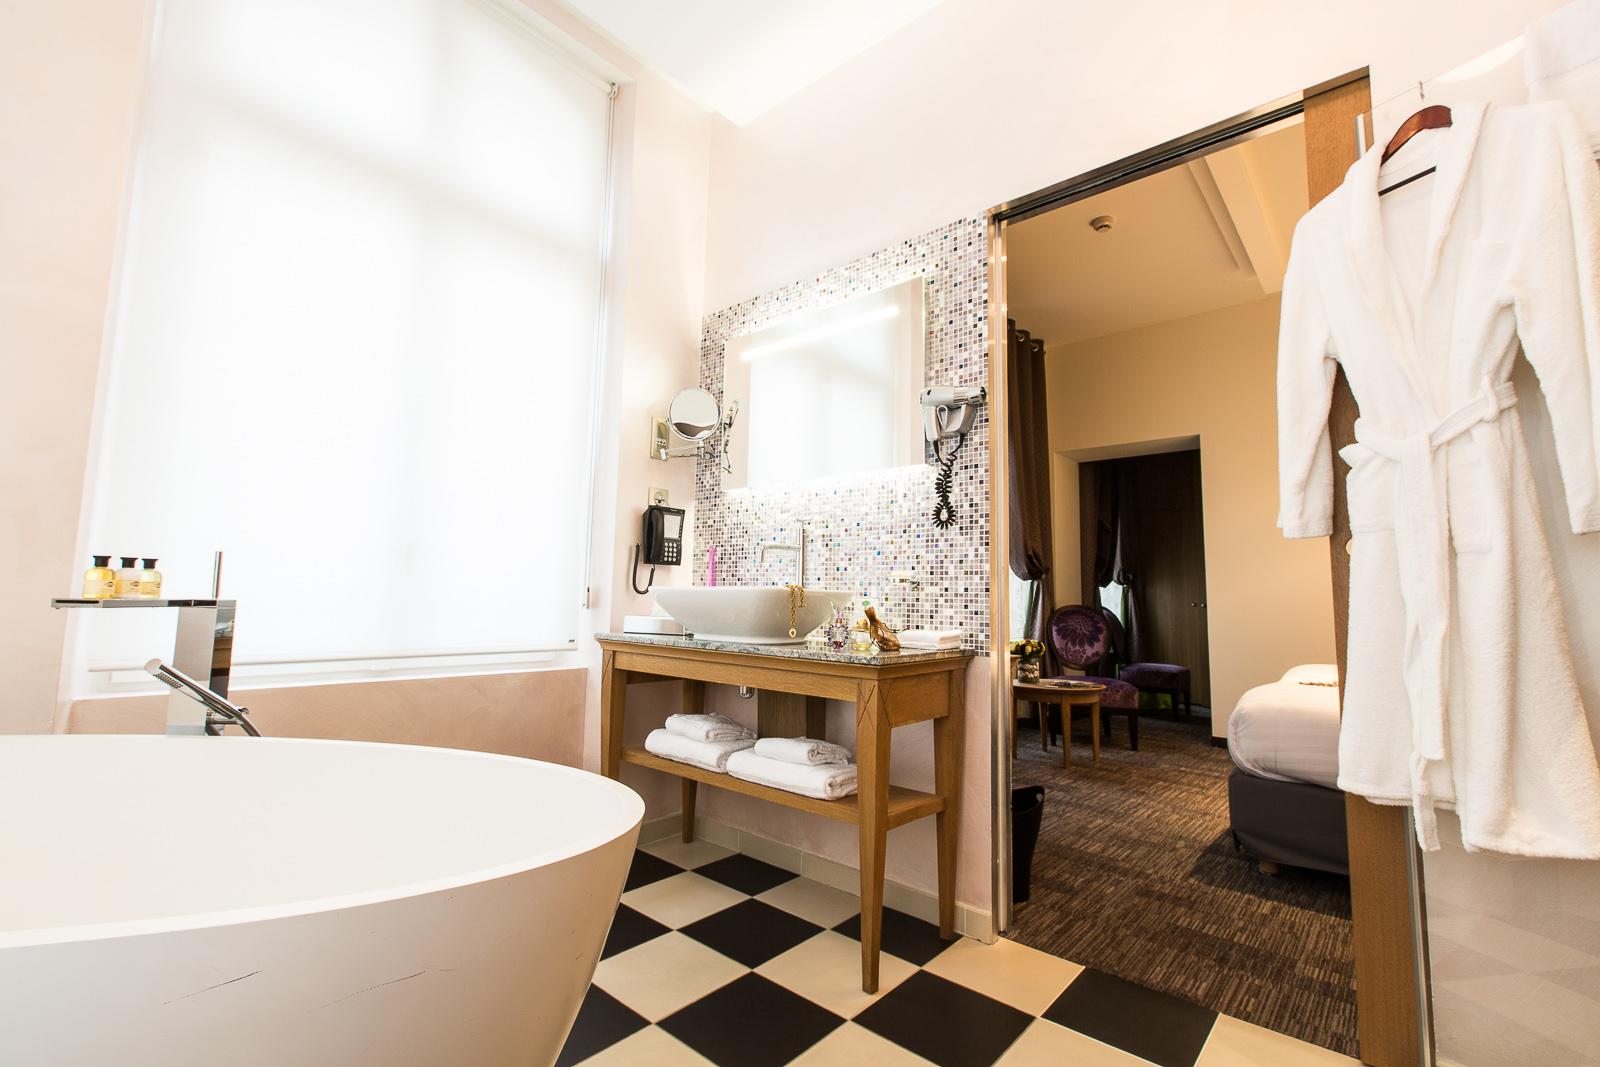 Hôtel Marotte chambre cosy salle de bain chambre